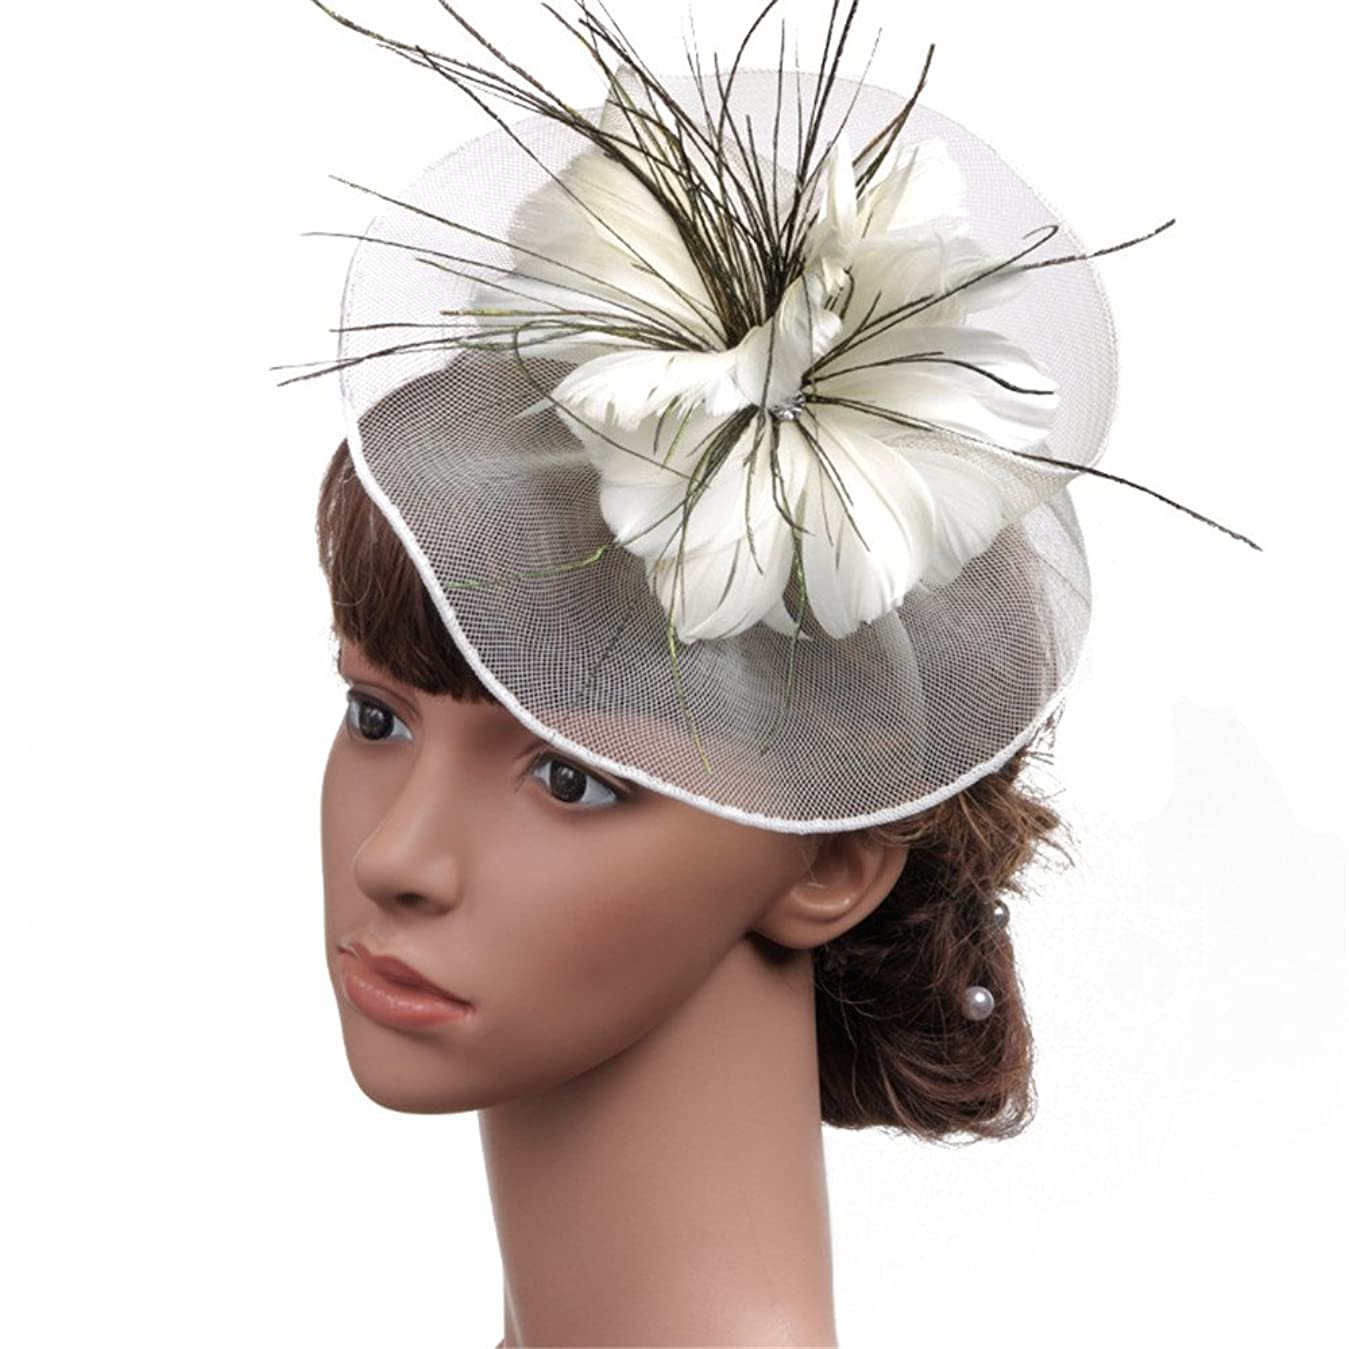 小さなキャンパス以降女性の魅力的な帽子 女性のヴィンテージ魅惑的なカクテルティーパーティー帽子羽花ヘアピンヘッドドレス花花嫁パーティーウェディング (色 : 緑)